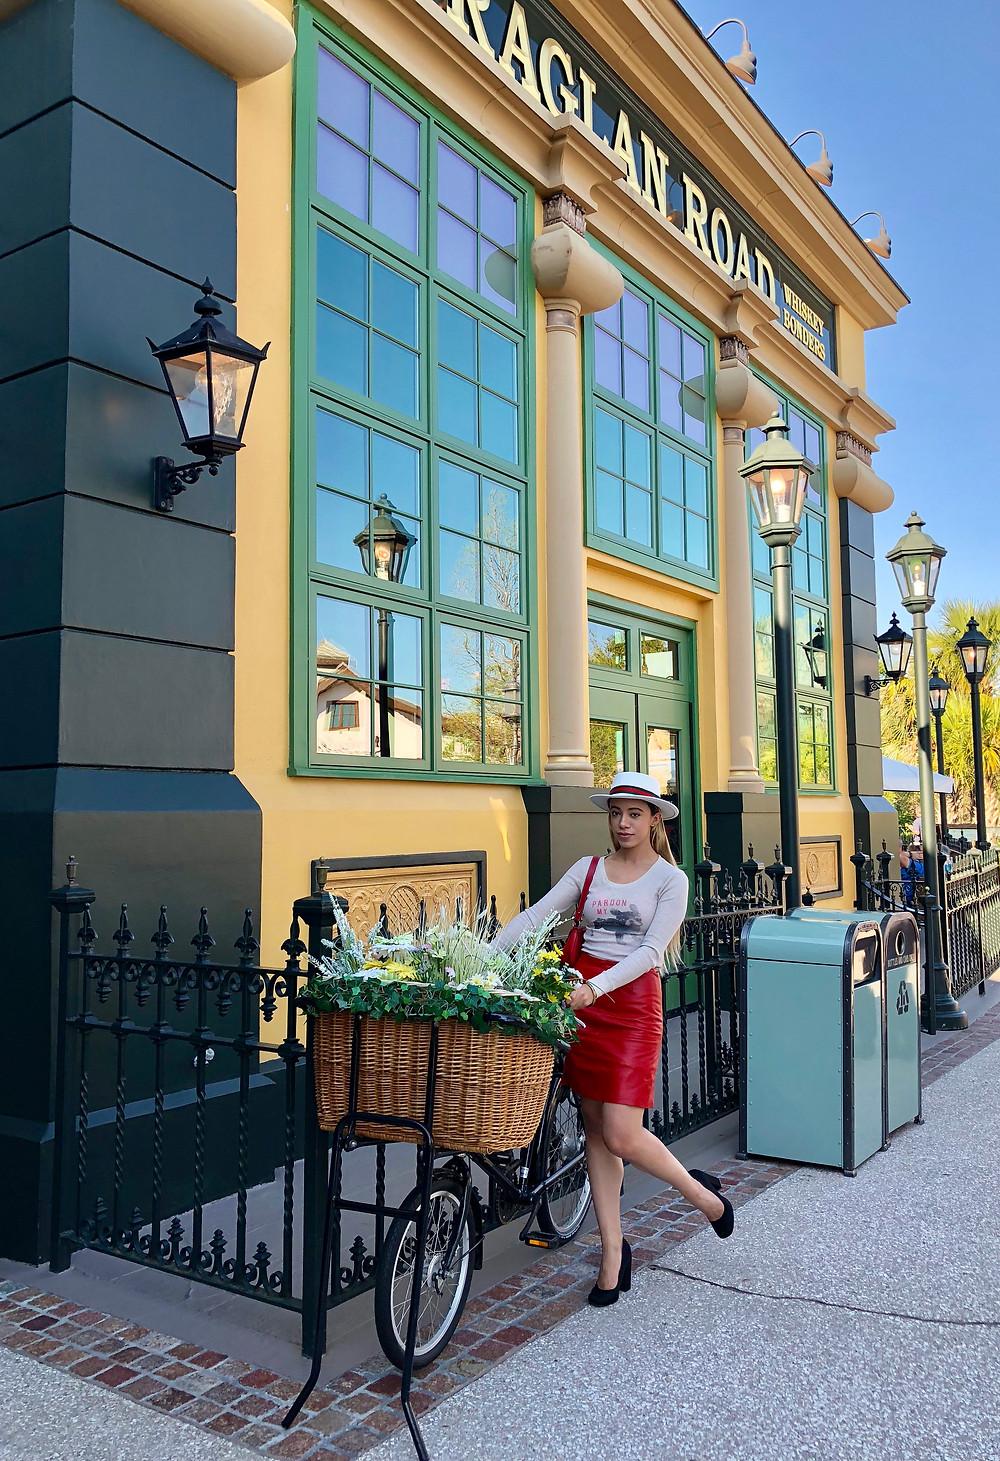 Katrina-Belle-Orlando-Blogger-Katrina-Belle-Beauty-Orlando-Fashion-Blogger-Disney-Blogger-Disney-Springs-Raglan-Road